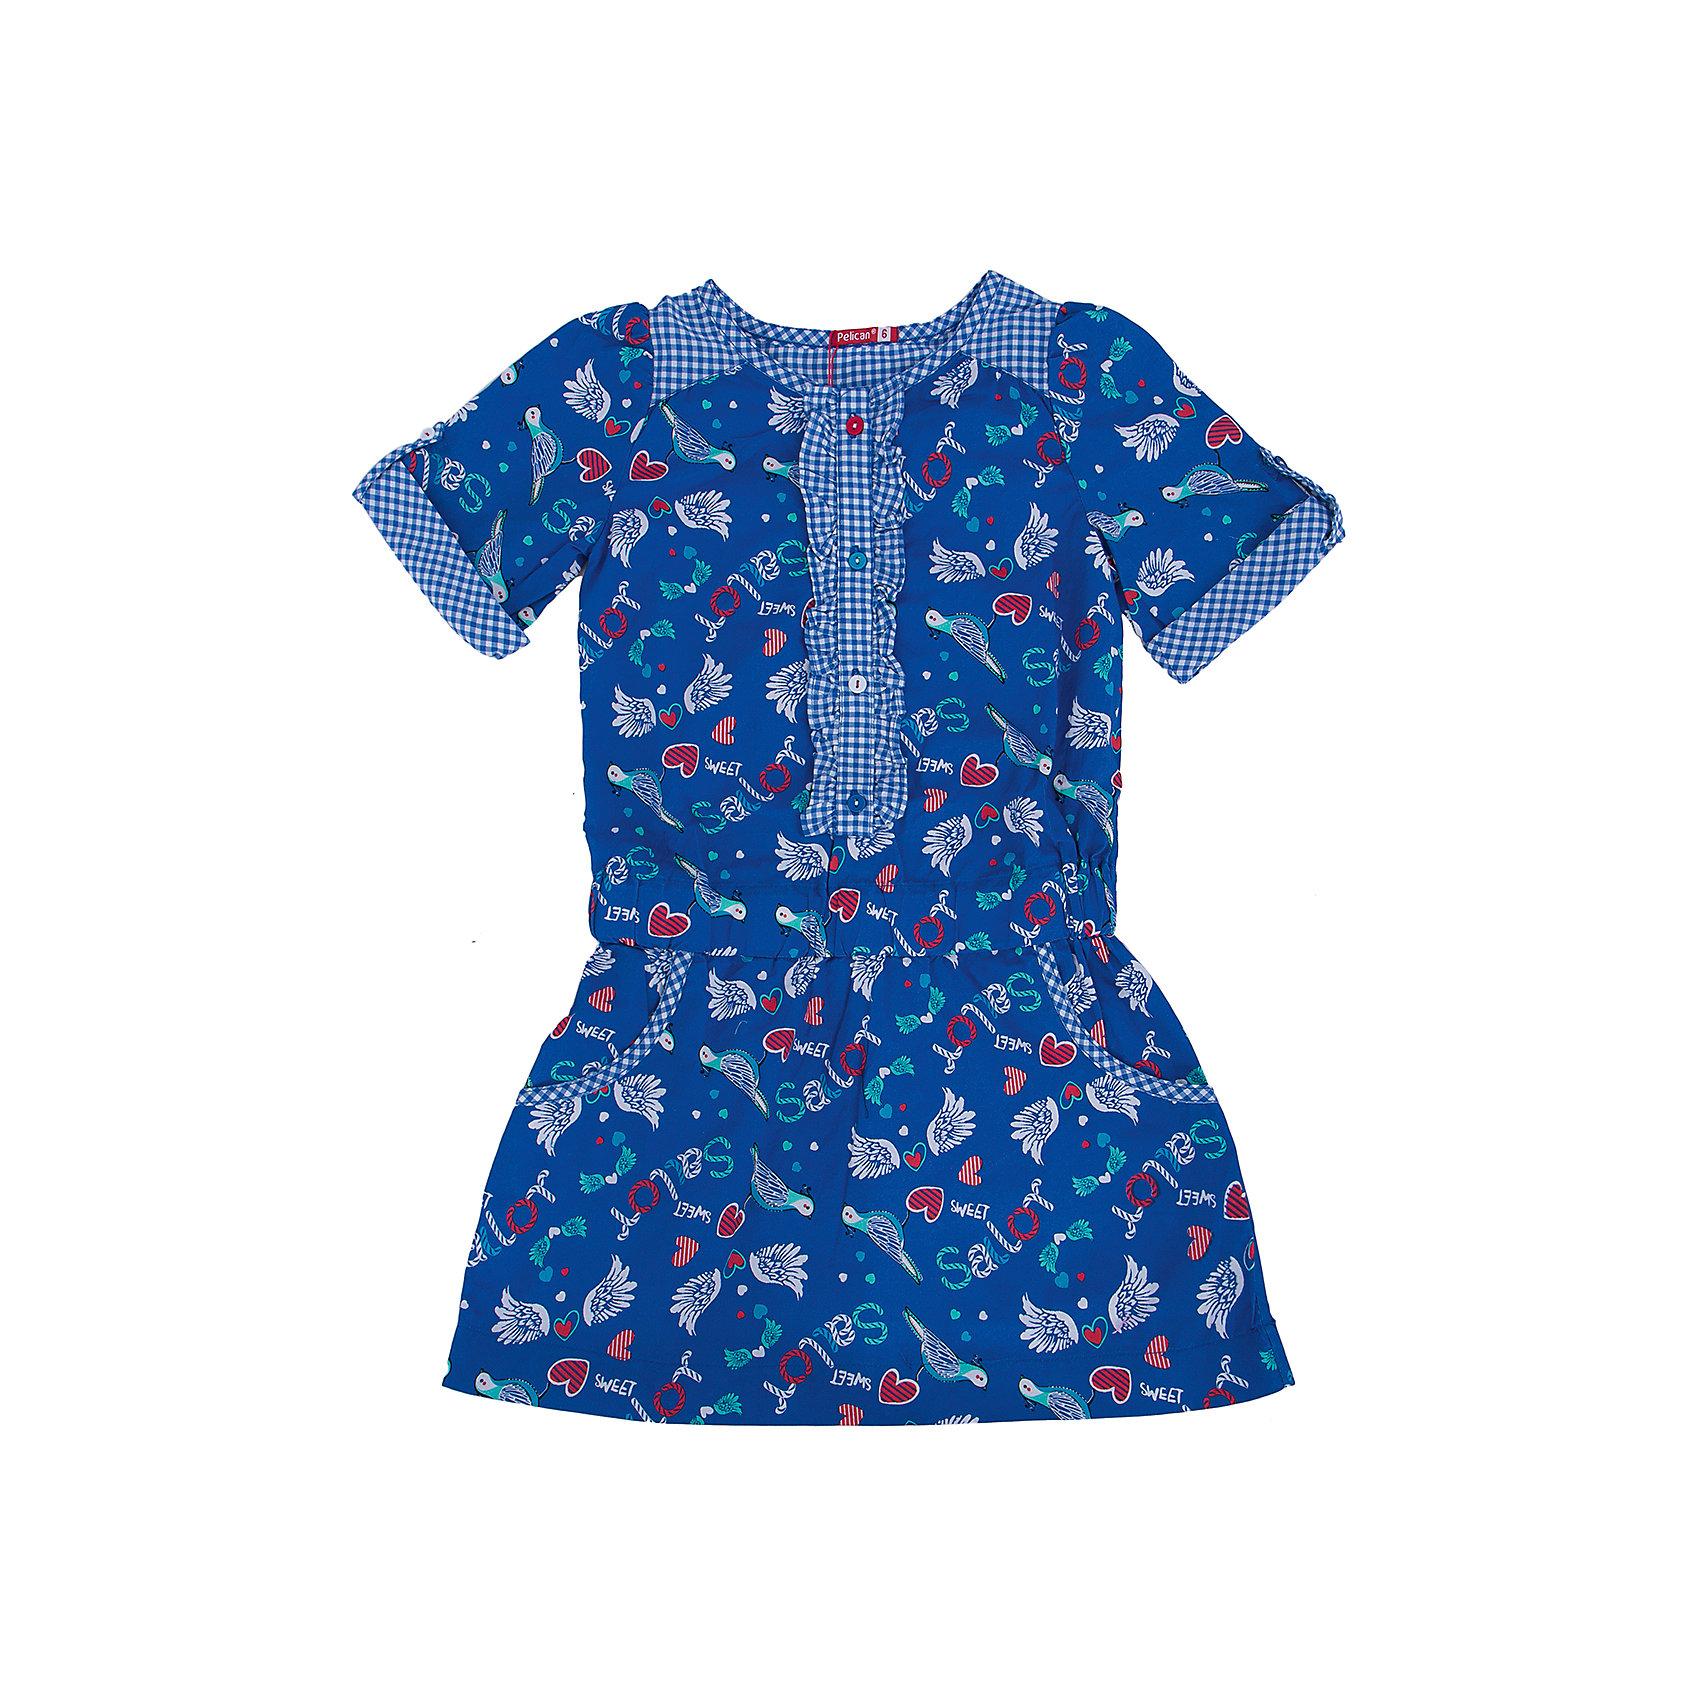 Платье для девочки PELICANПлатья и сарафаны<br>Удобное и модное платье для девочки смотрится очень нарядно. Оно поможет разнообразить гардероб ребенка, создать подходящий погоде ансамбль. Удобный крой и качественный материал обеспечат ребенку комфорт при ношении этих вещей. <br>Платье декорировано ярким принтом и оборками. Рукава короткие. Они и горловина обработаны клетчатой тканью. Материал платья состоит из дышащего натурального хлопка, гипоаллергенного, отлично подходящего для детской одежды. <br><br>Дополнительная информация:<br><br>материал: 100% хлопок;<br>цвет: синий;<br>карманы;<br>декорировано оборками и принтом.<br><br>Платье для девочки от бренда PELICAN (Пеликан) можно купить в нашем магазине.<br><br>Ширина мм: 236<br>Глубина мм: 16<br>Высота мм: 184<br>Вес г: 177<br>Цвет: синий<br>Возраст от месяцев: 24<br>Возраст до месяцев: 36<br>Пол: Женский<br>Возраст: Детский<br>Размер: 98,116,110,104<br>SKU: 4805164